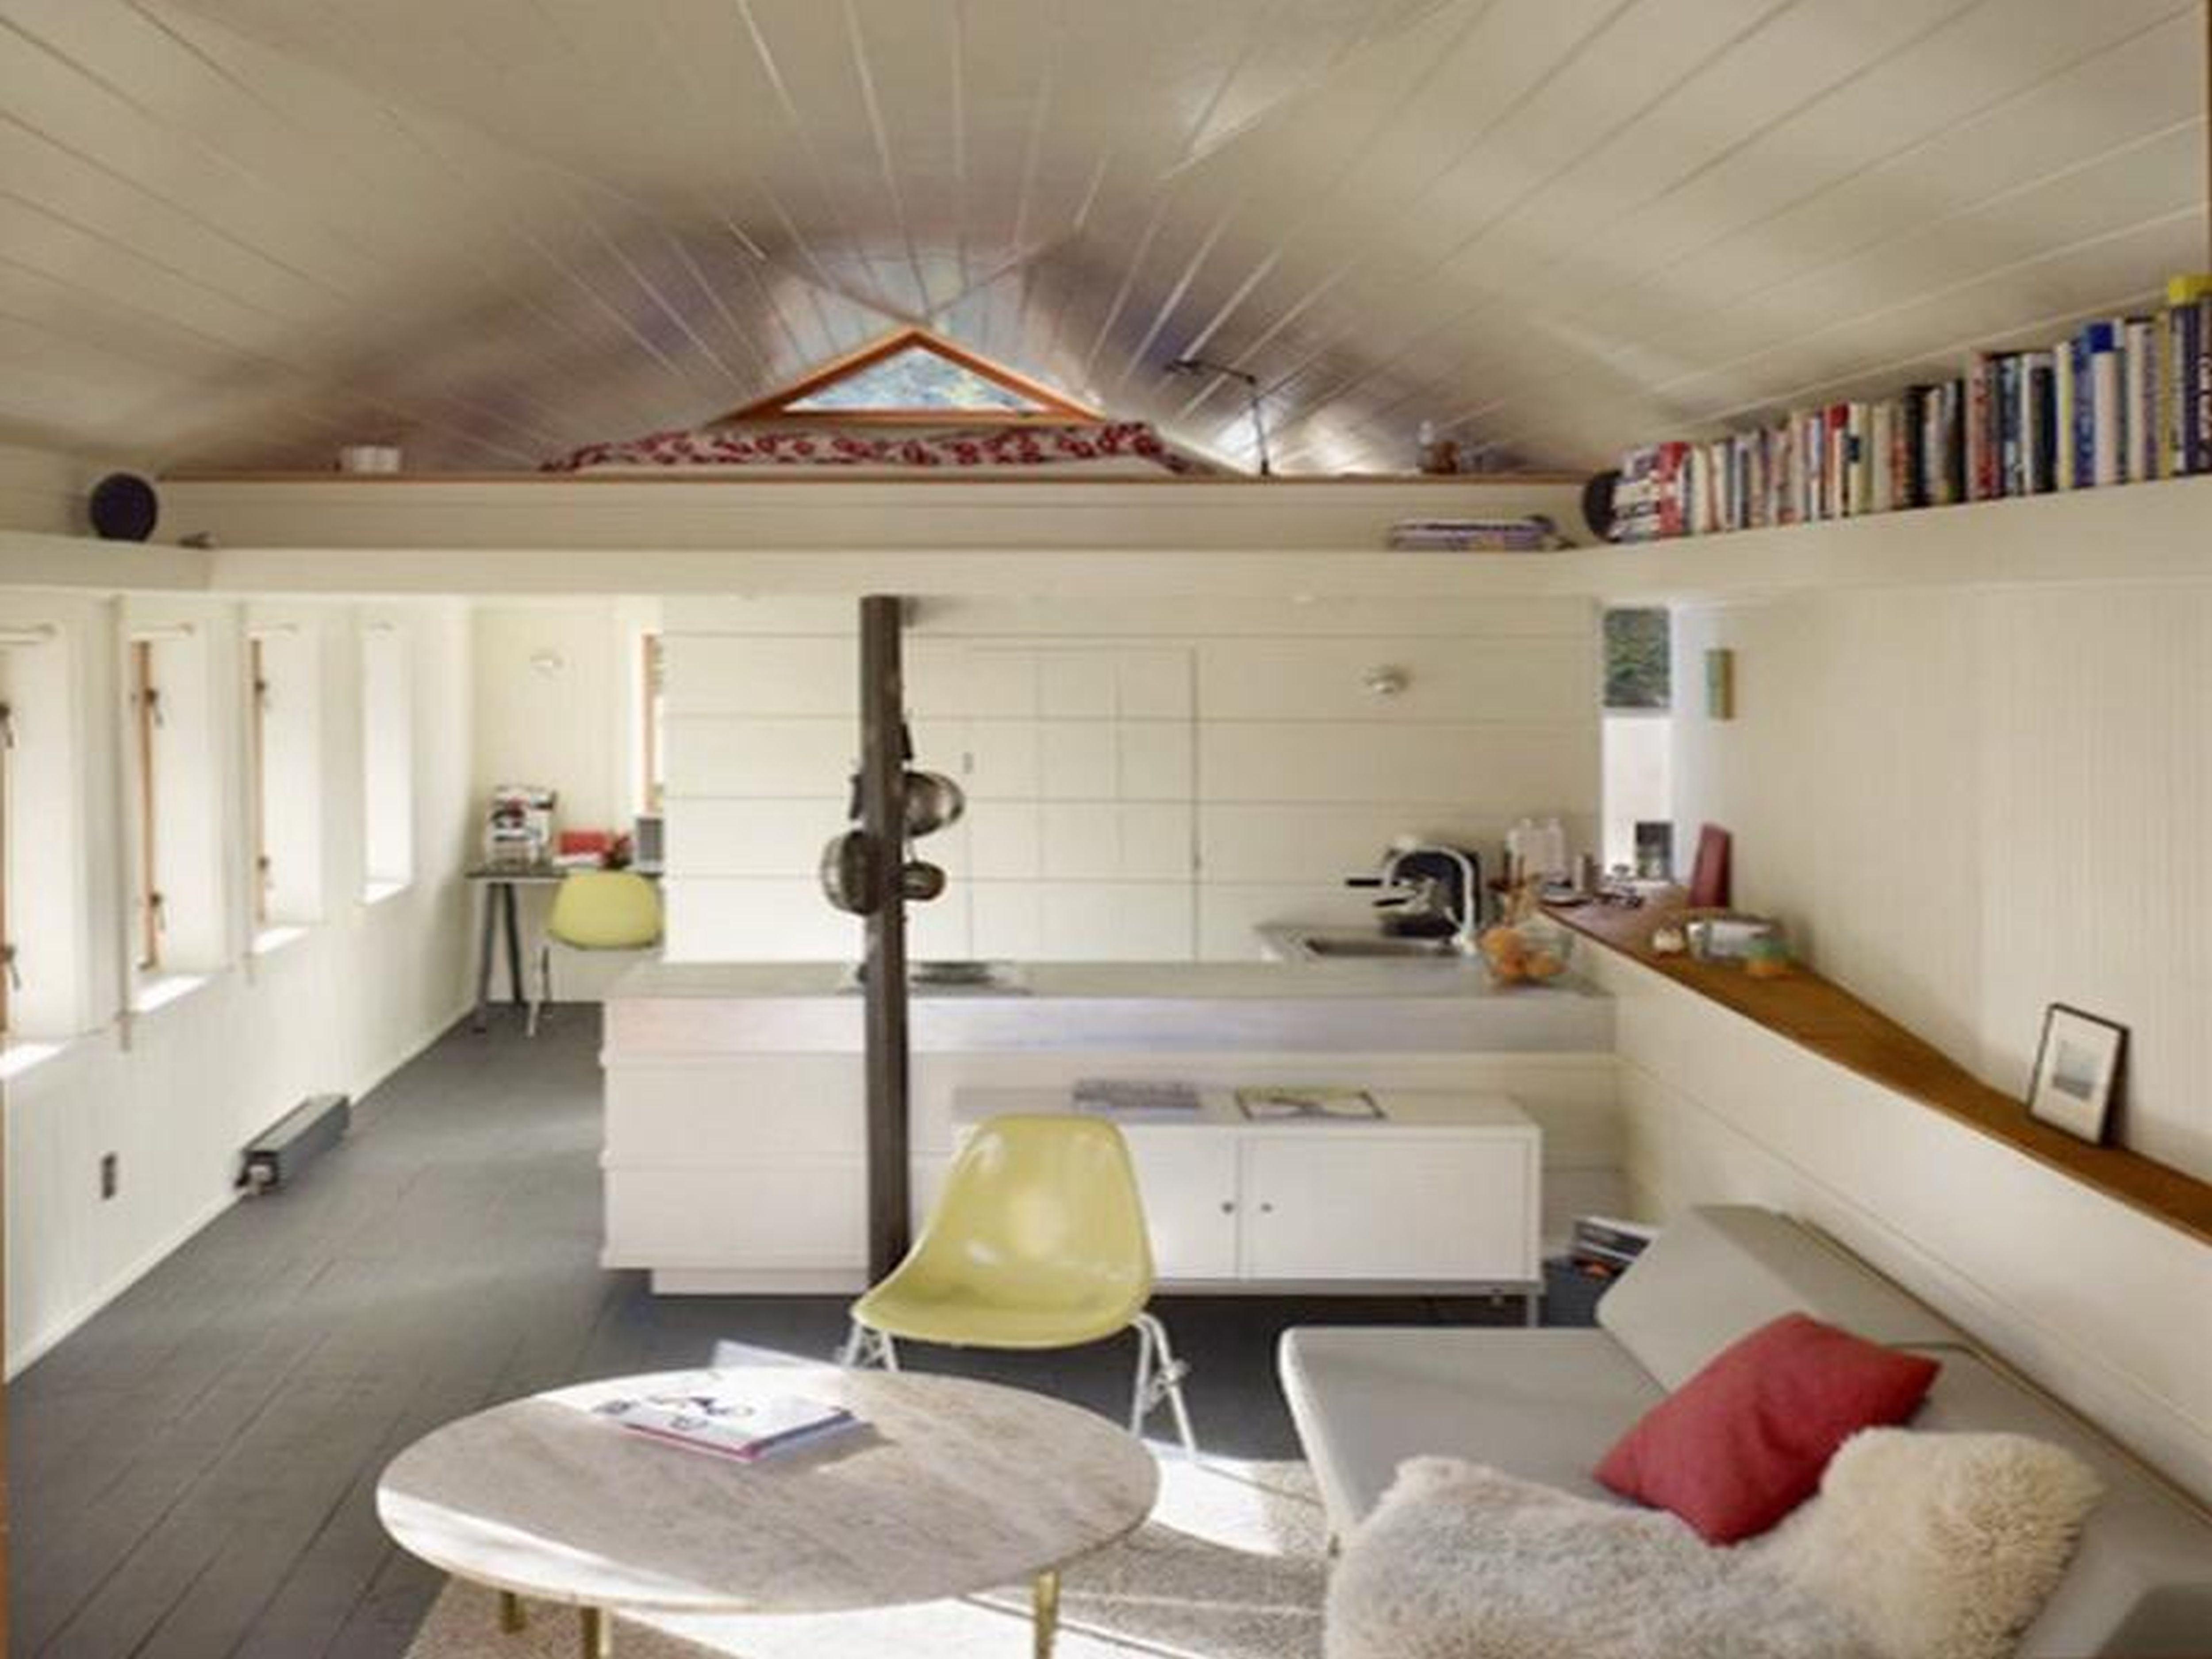 Home hall design-ideen liebenswert keller ins schlafzimmer ideen  mehr auf unserer website